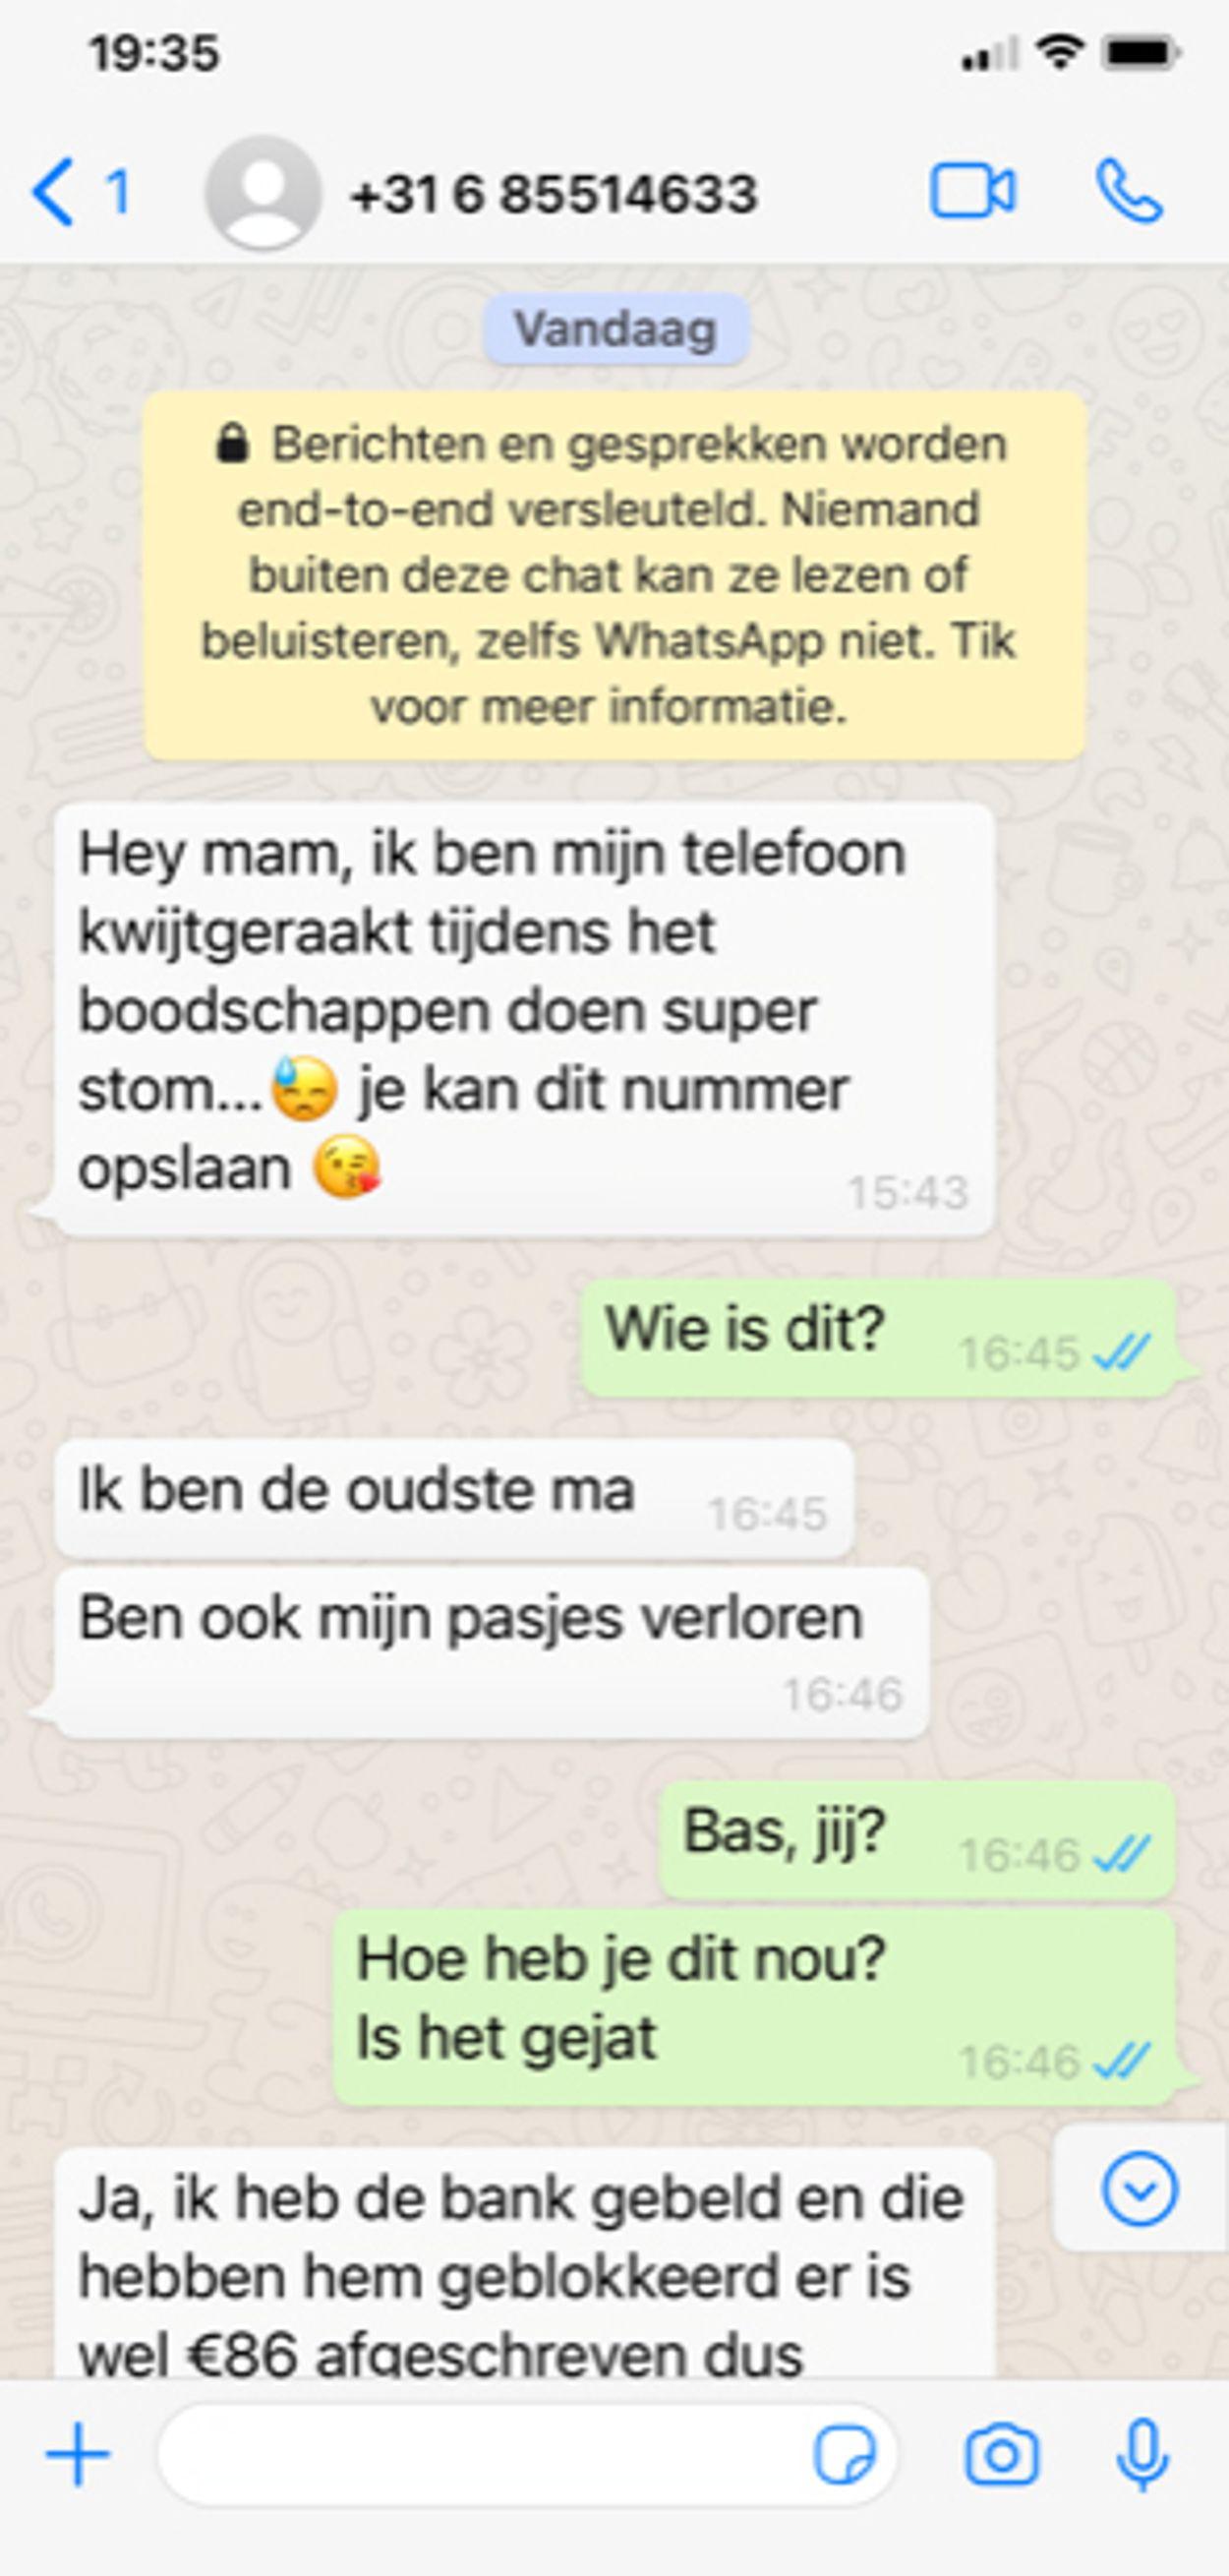 whatsappfraude juni 2021